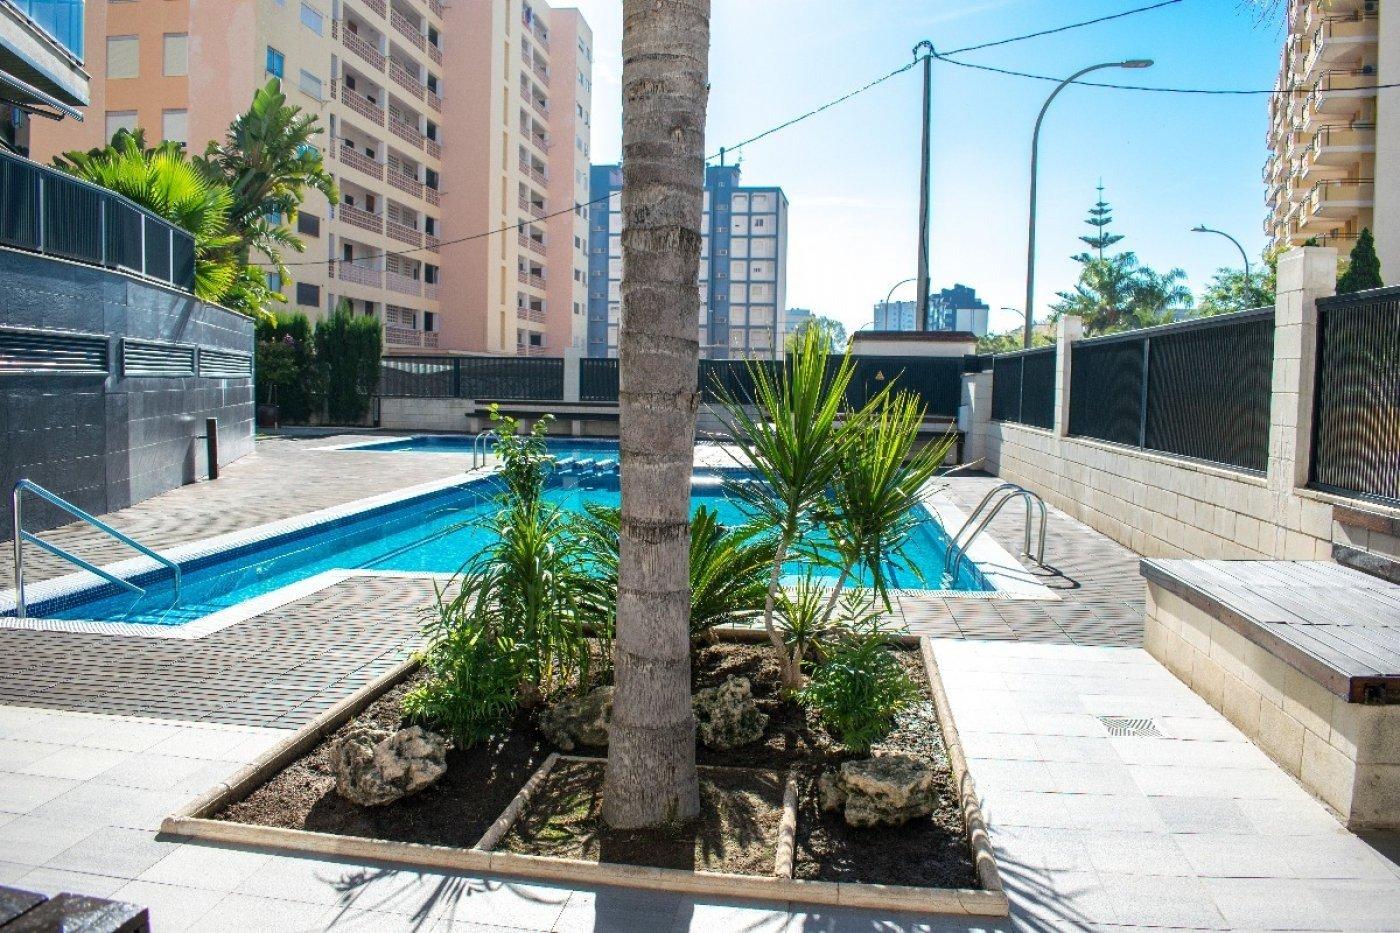 Apartamento en playa de gandia con piscina comunitaria y garaje incluido - imagenInmueble17